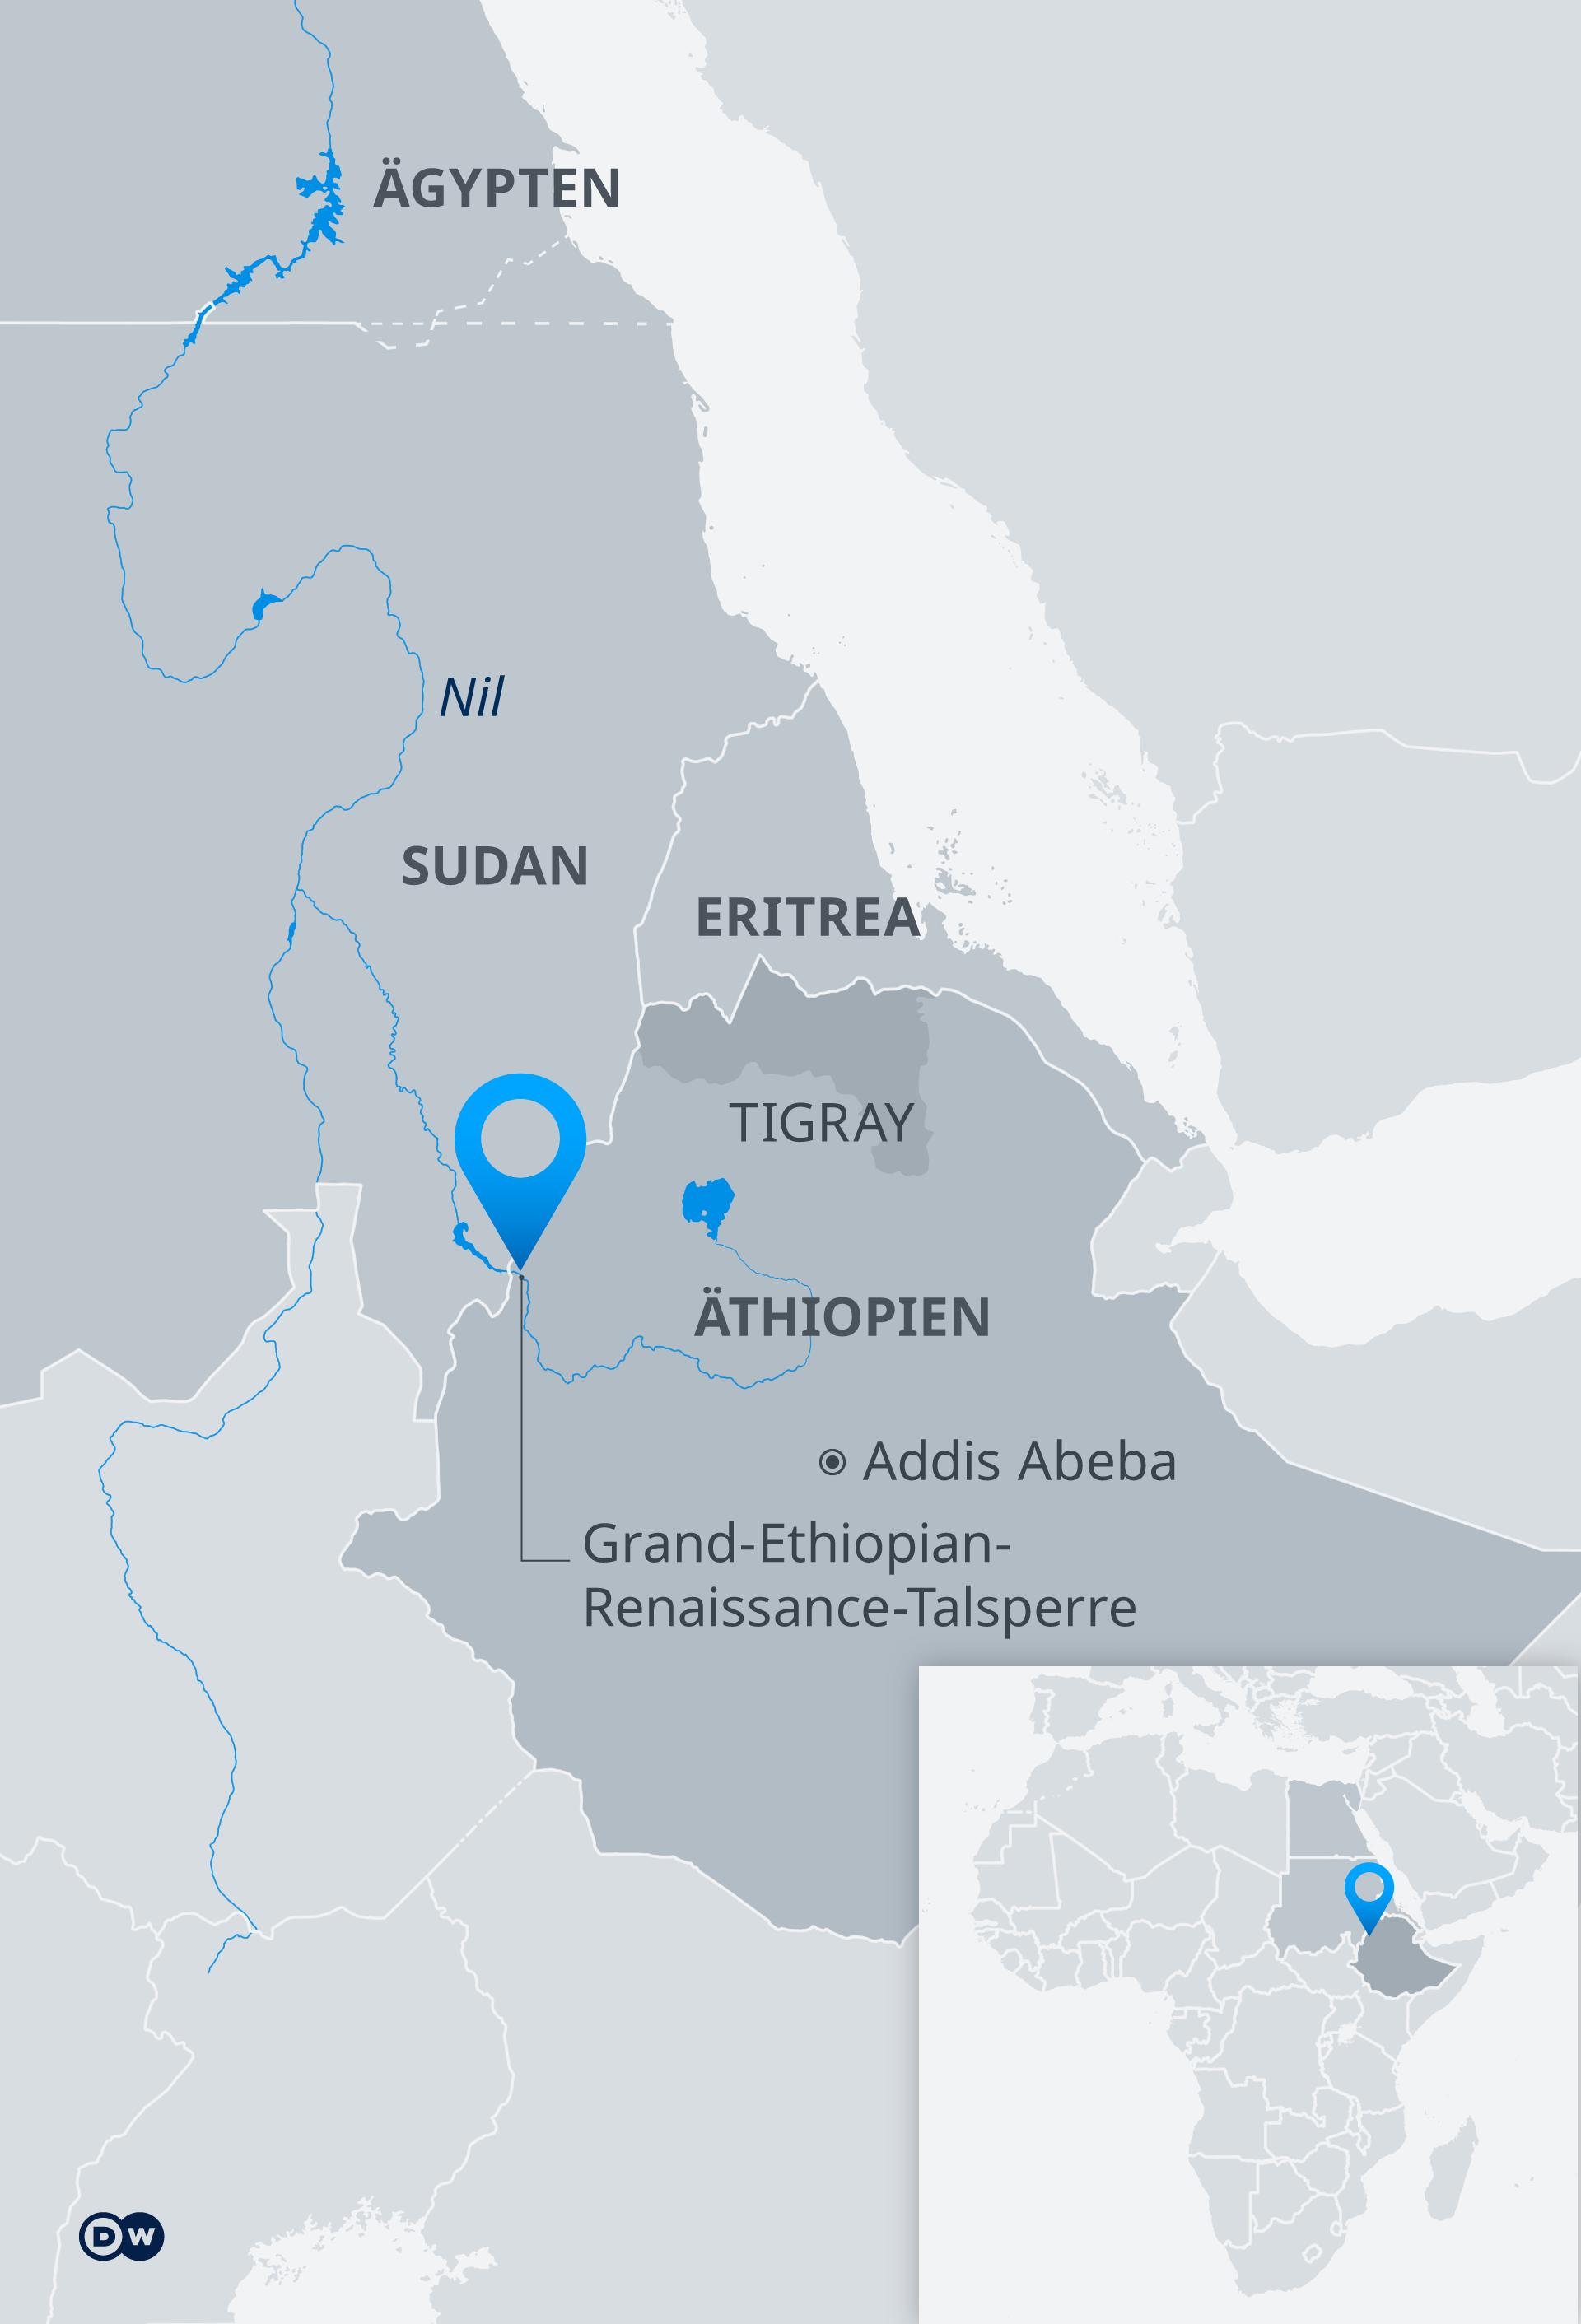 Karte: Äthiopien mit der Grand-Ethiopian-Renaissance-Talsperre